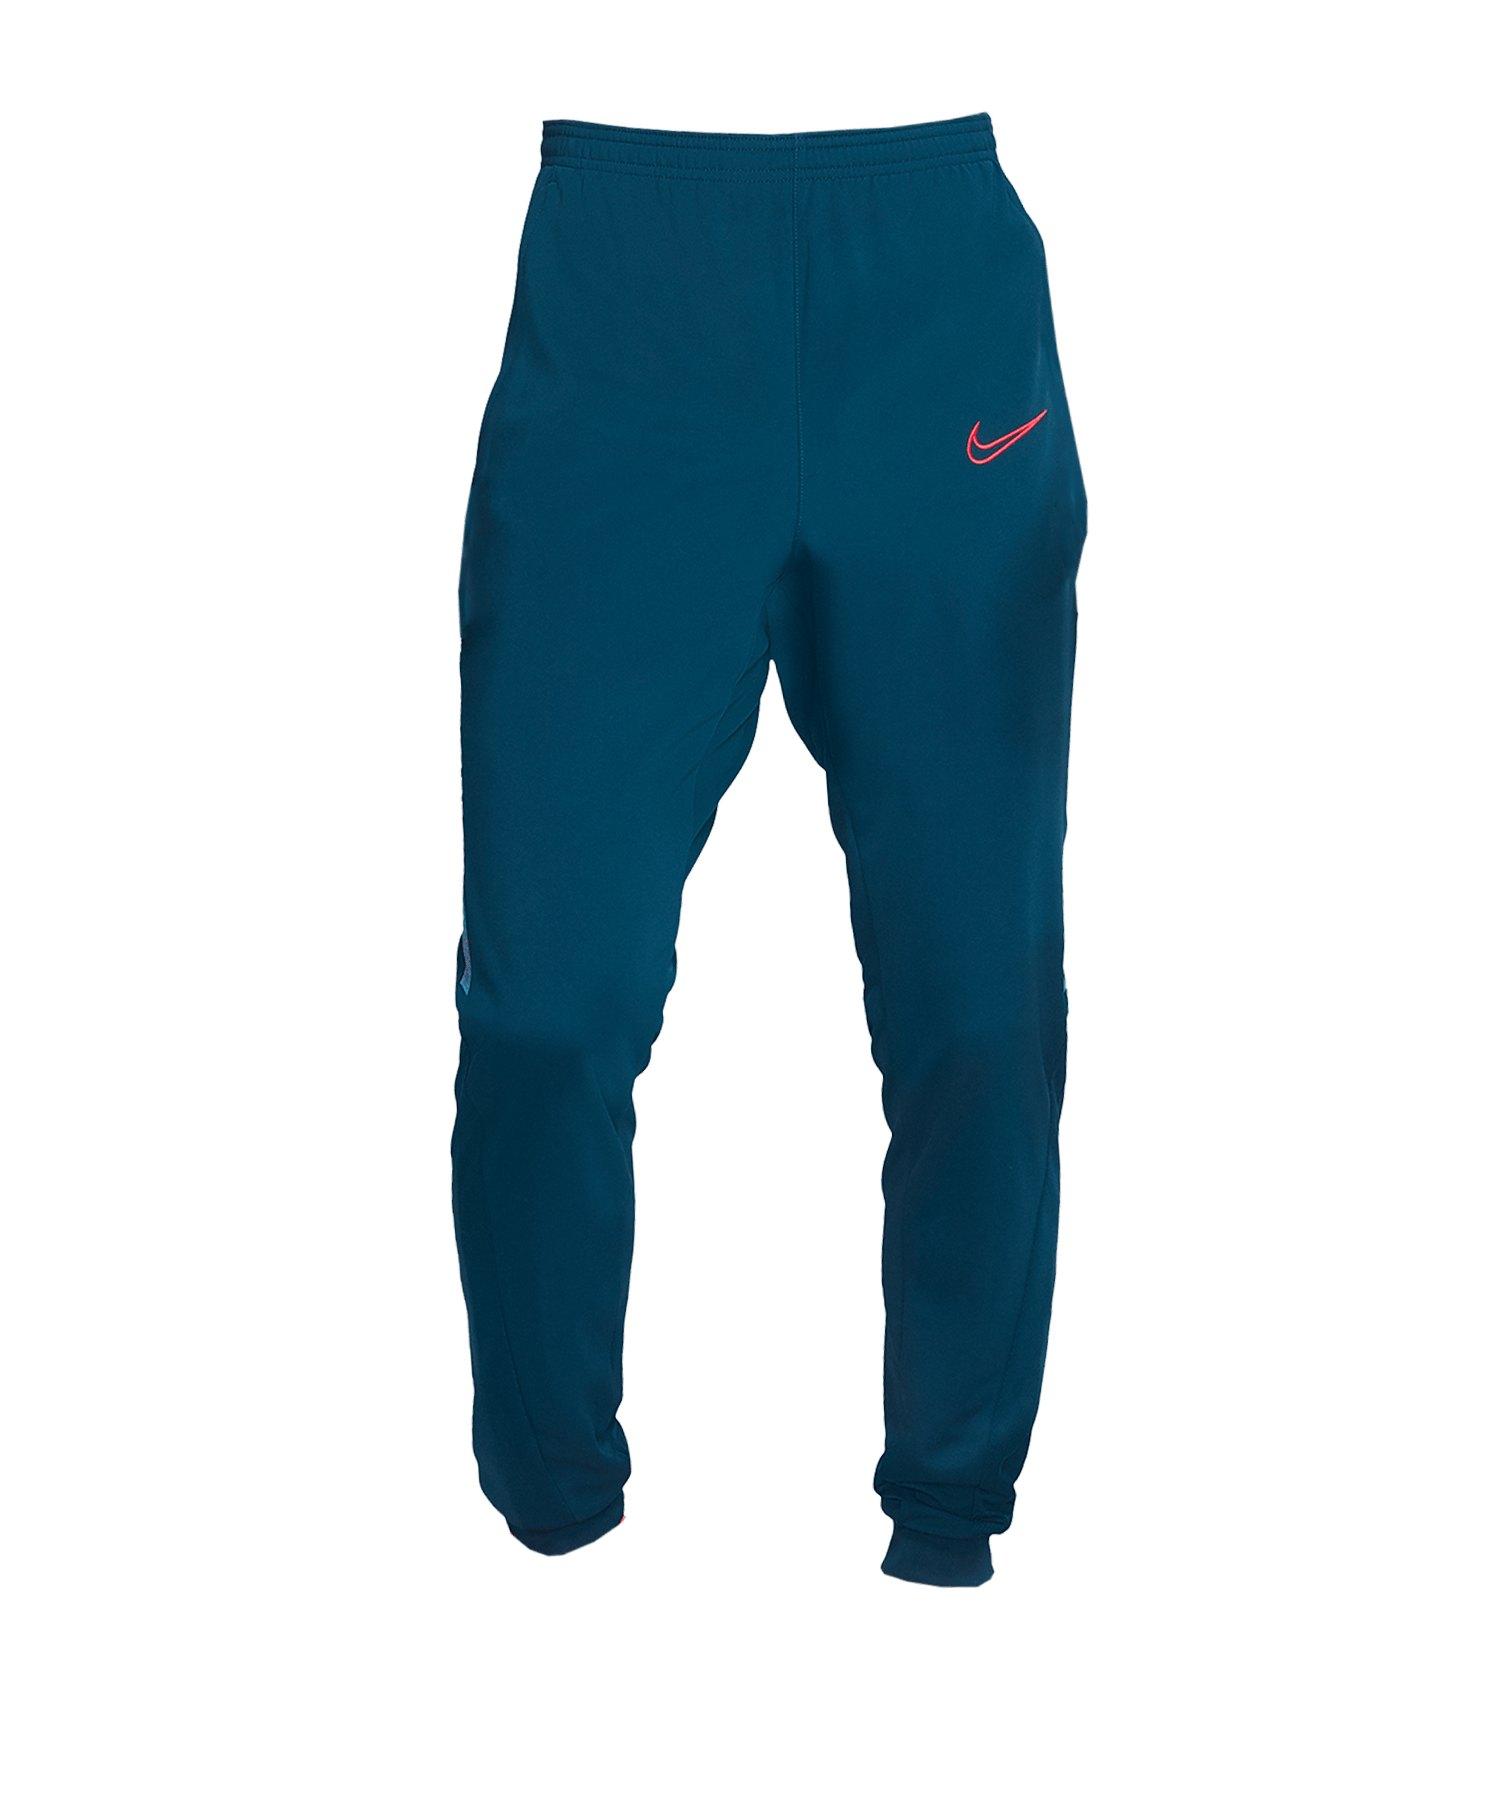 Nike Academy Trainingshose Pants Blau F432 - blau